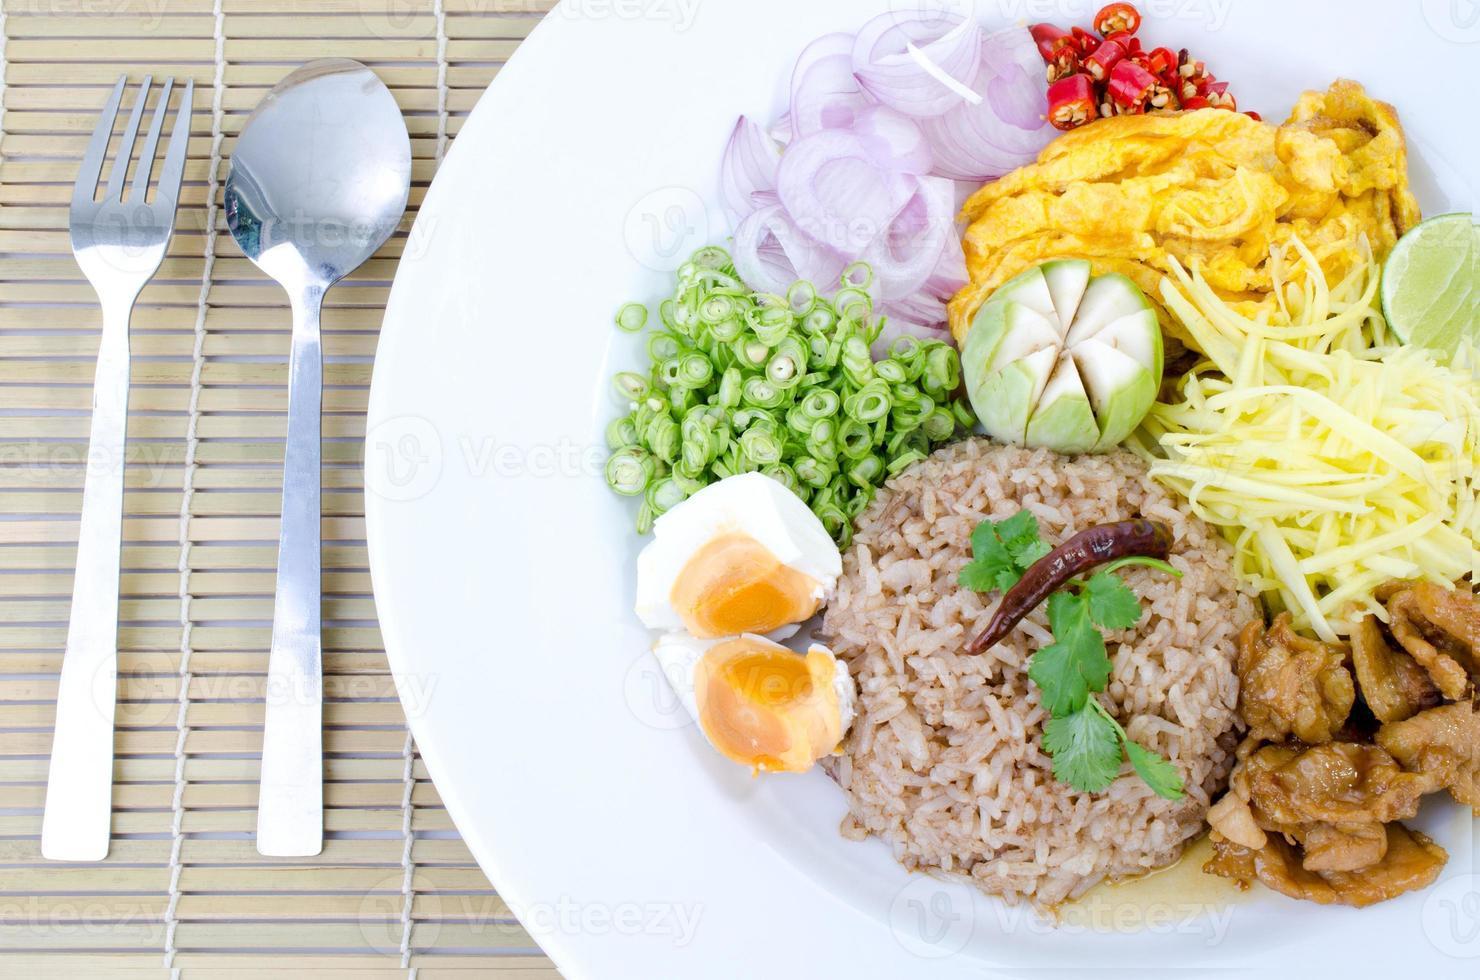 bak rijst met de garnalenpasta, Thais eten foto